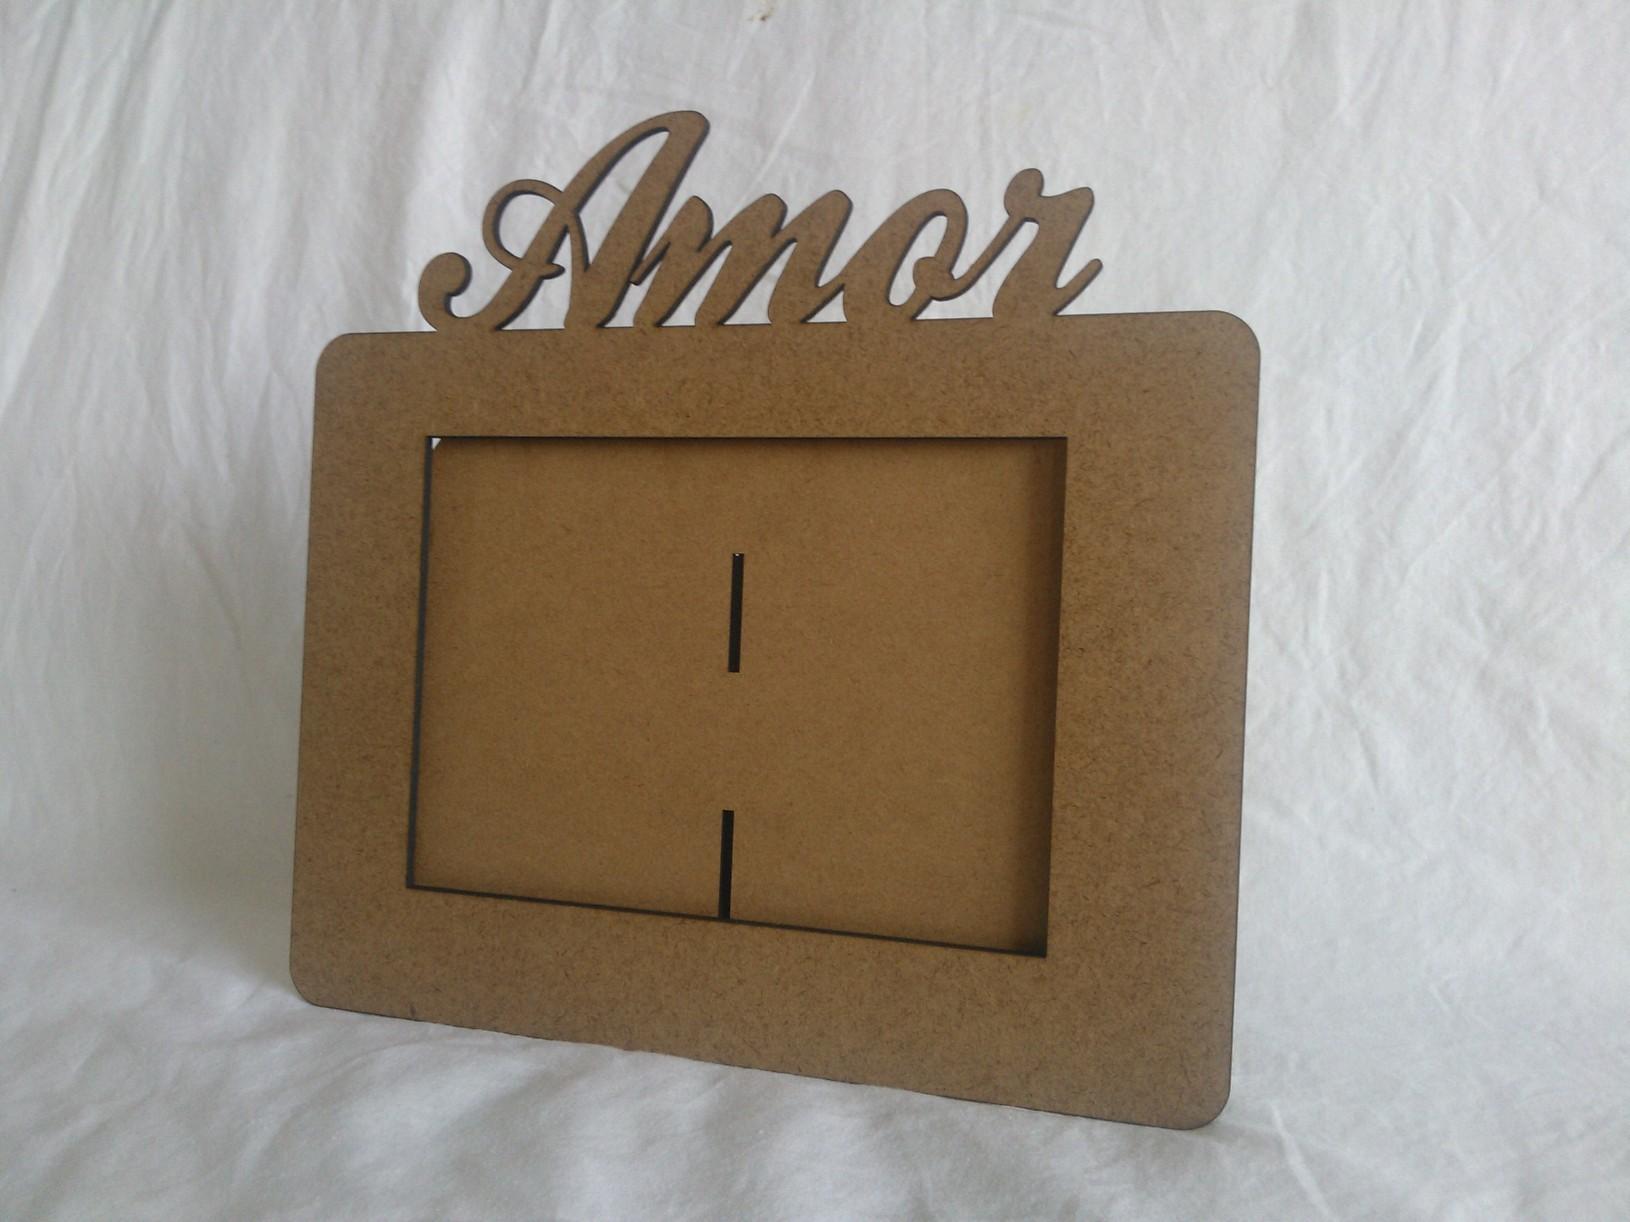 Porta retrato em mdf cru Innovare Laser Elo7 #694F30 1630x1222